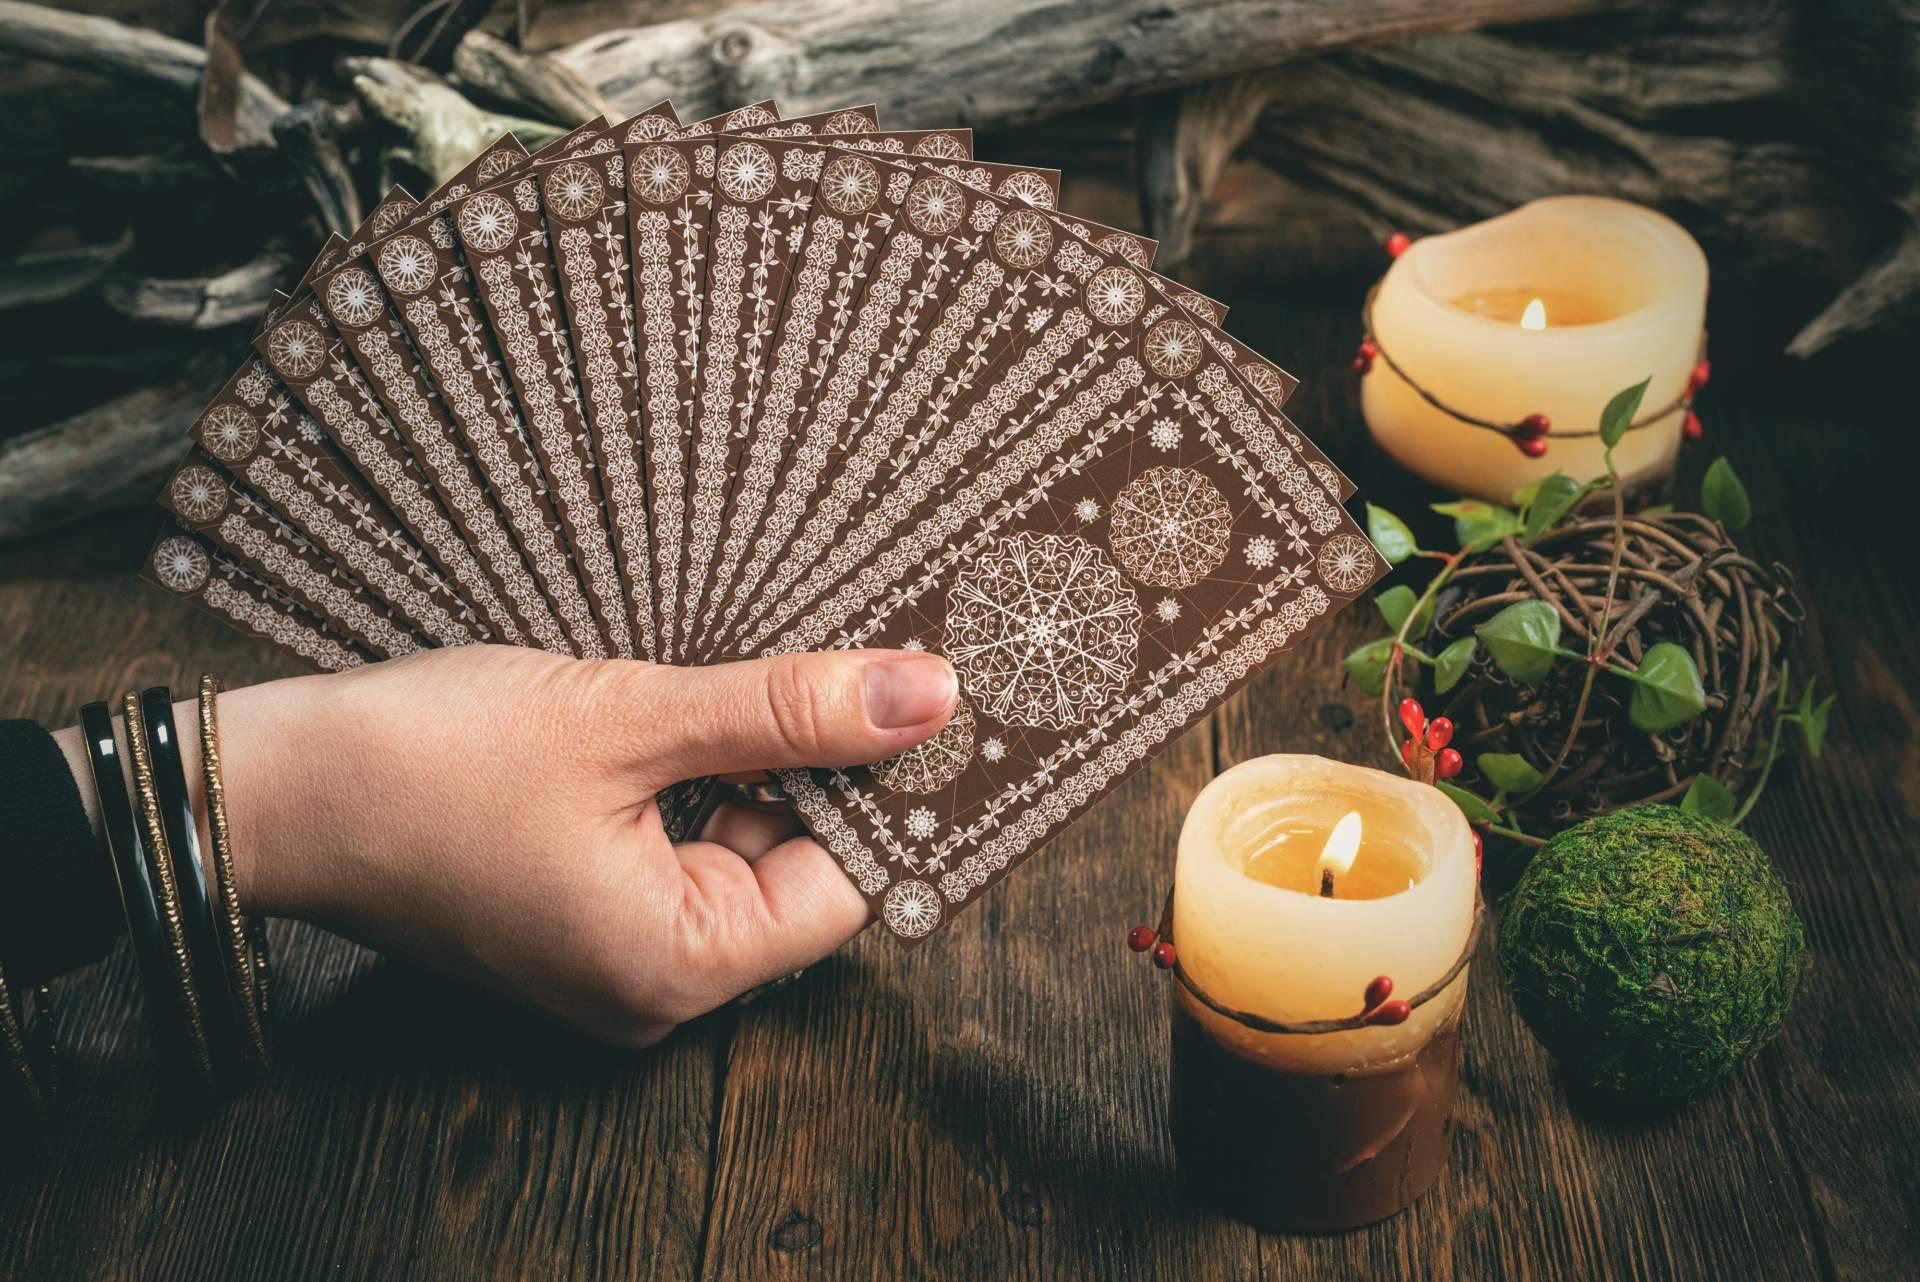 Utilizar velas de colores mágicas en los rituales ayuda a atraer dinero, amor y salud, según la vidente Alicia Caballero